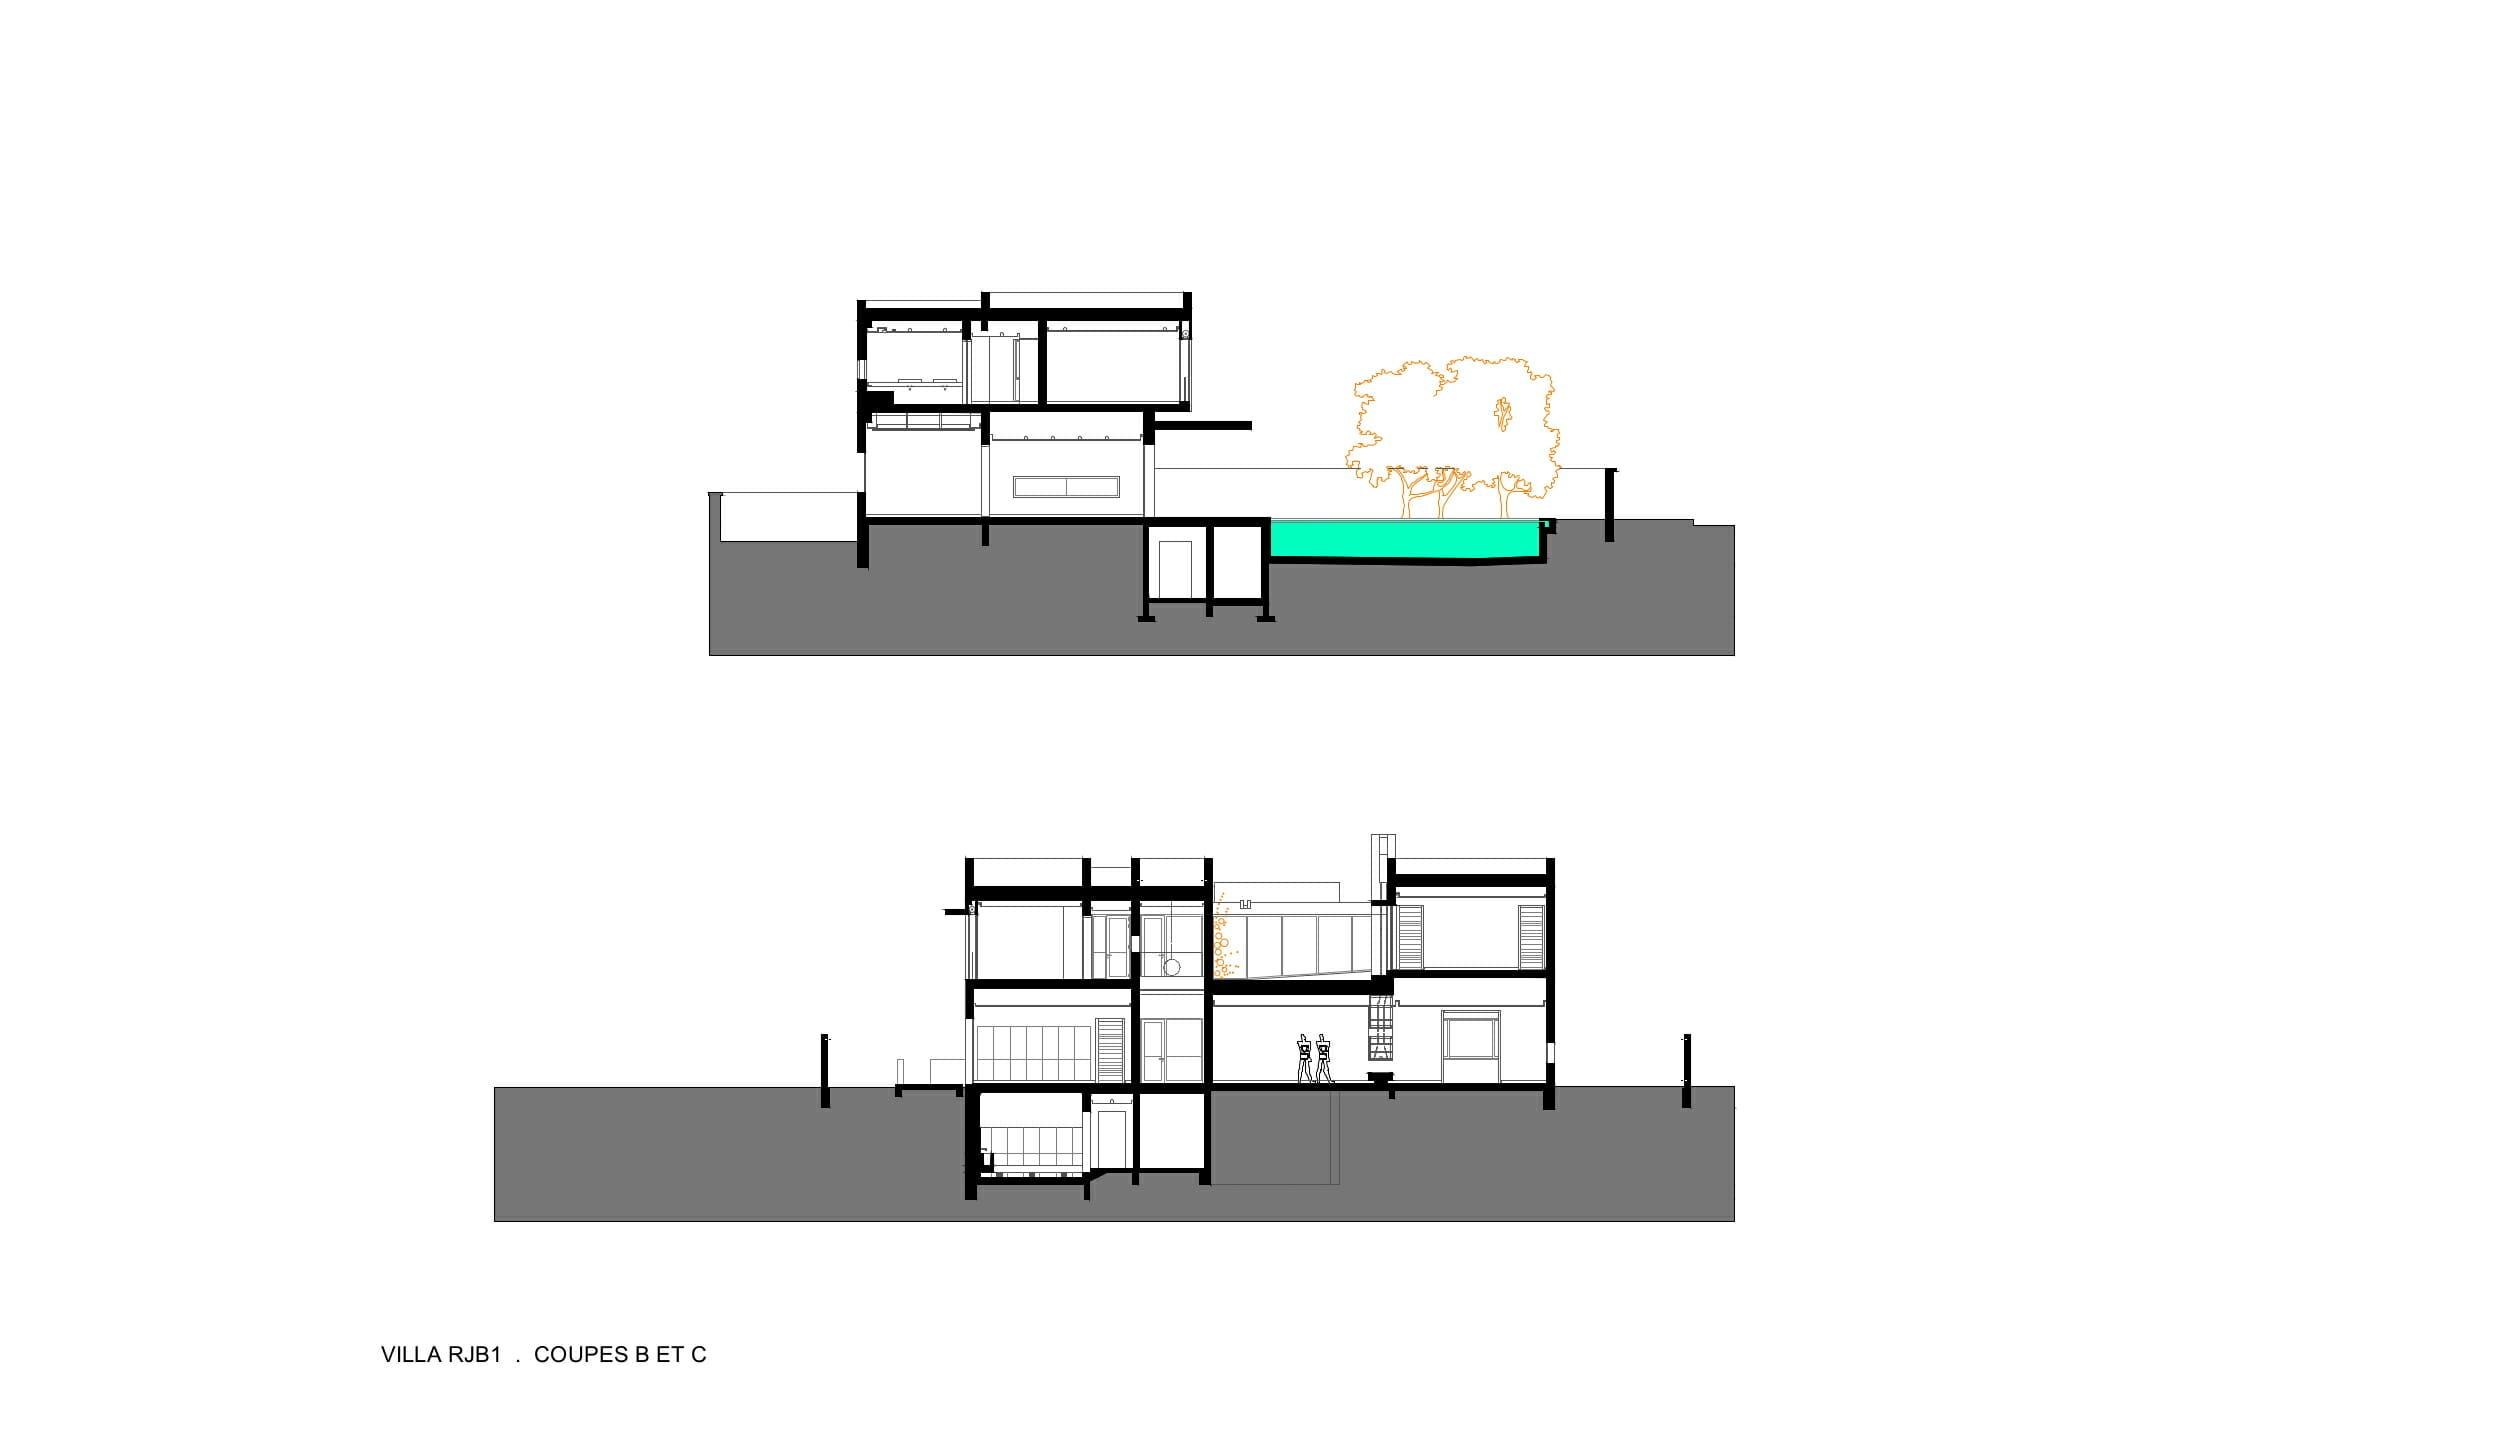 RJB1-plan 04-cp-el-04